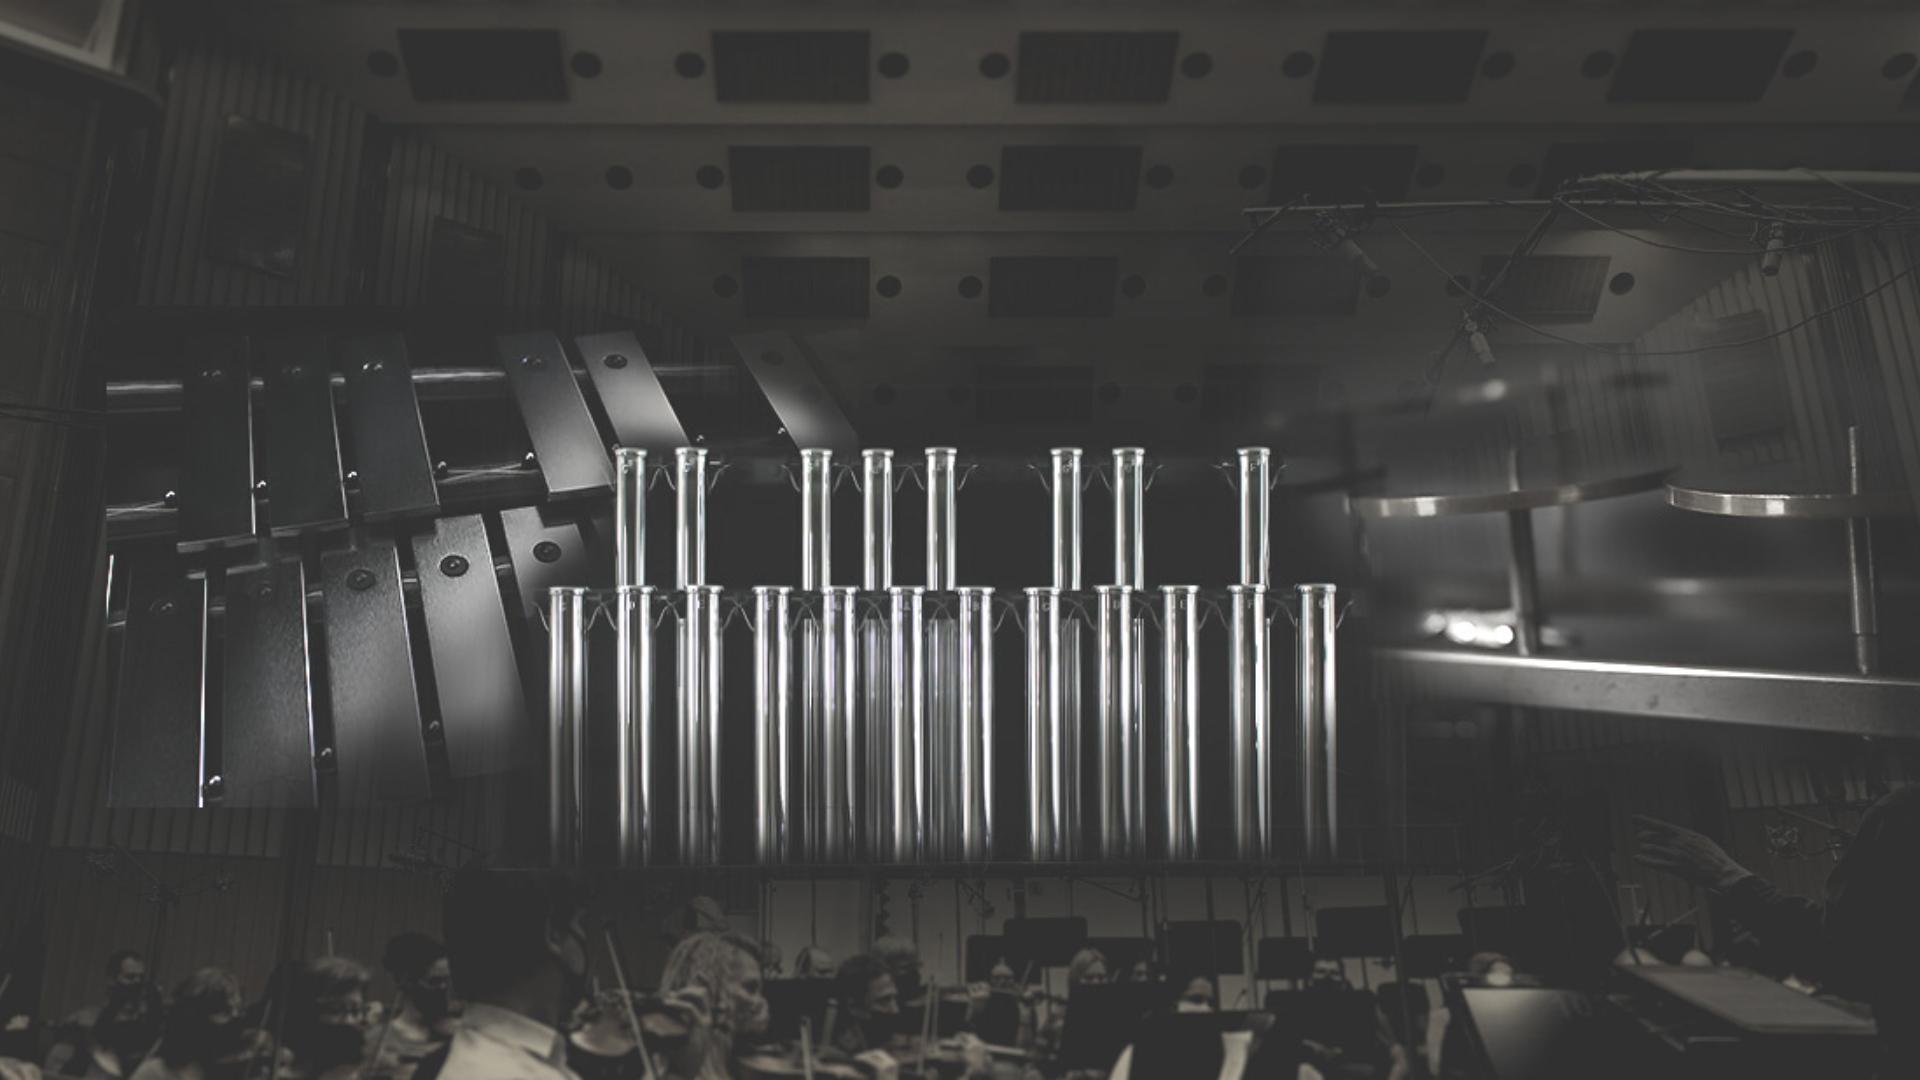 Soniccouture présente la banque de sons Orchestral Chimes Collection